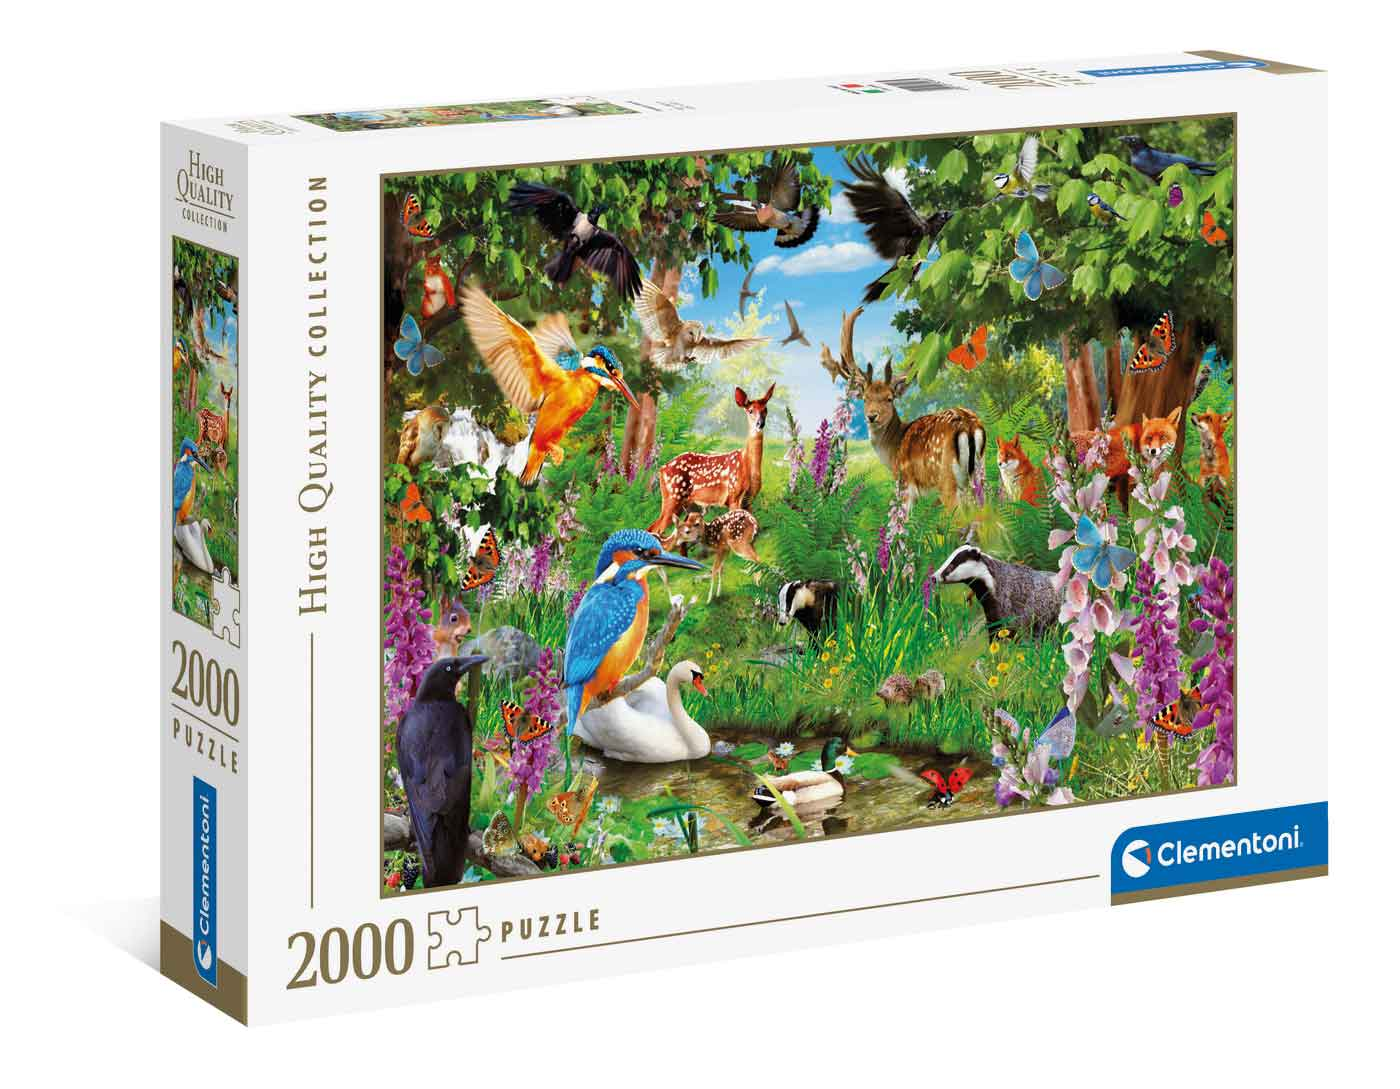 Puzzle Clementoni Bosque Fantástico de 2000 Piezas